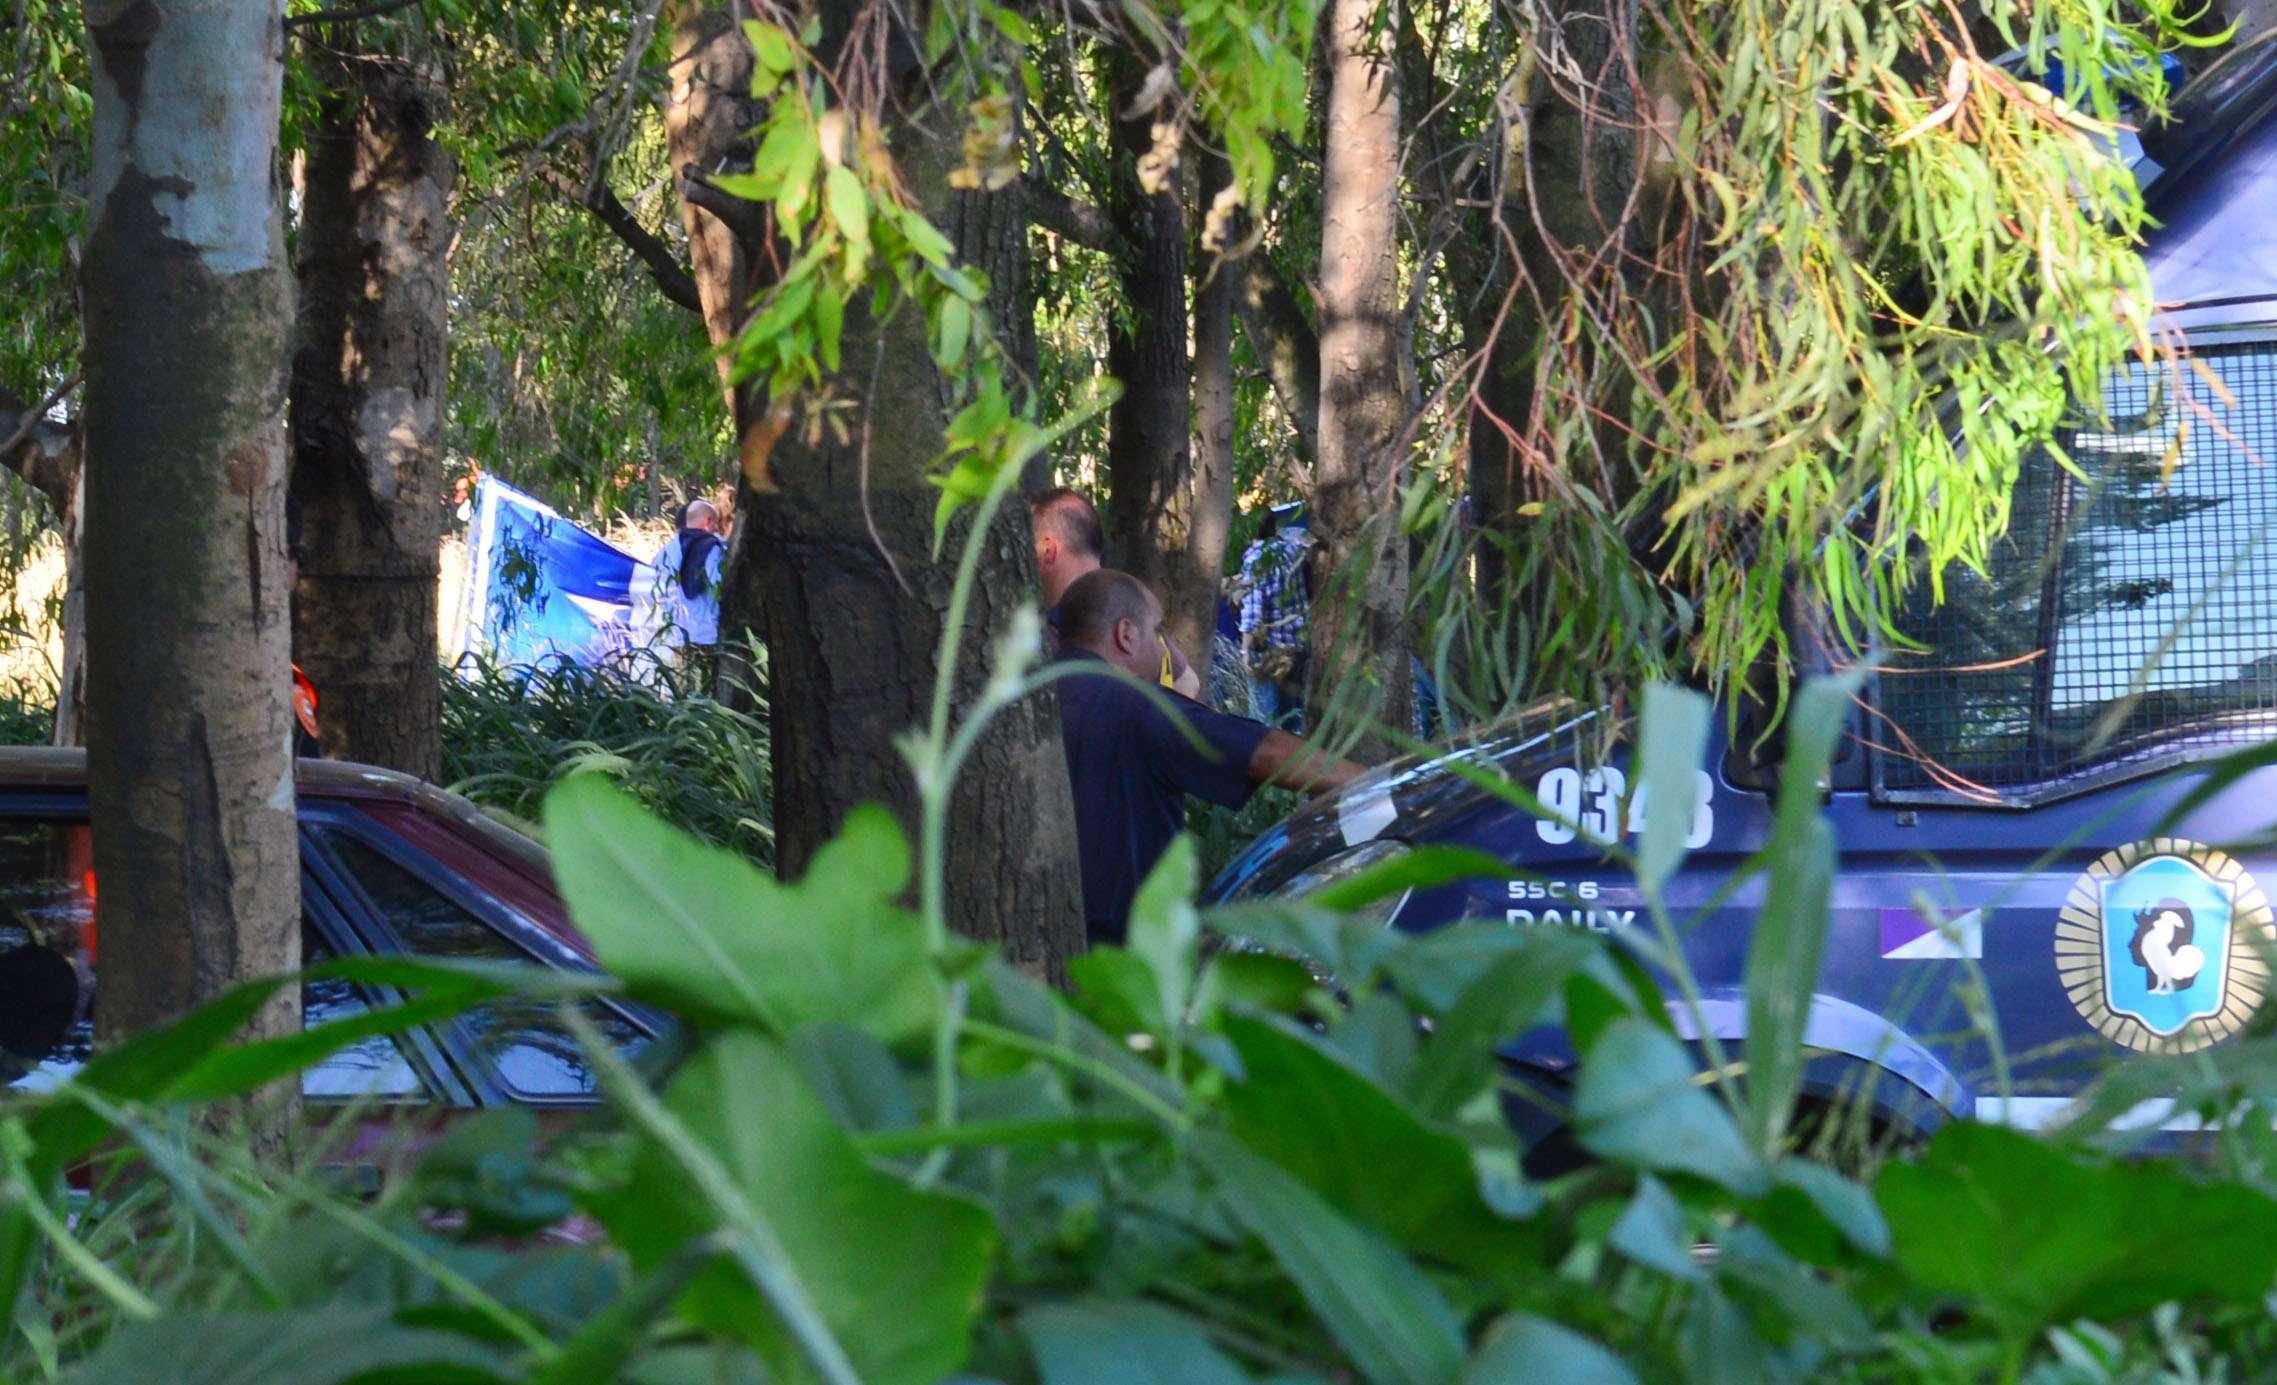 El lugar en la Costanera Sur donde fue hallado el cuerpo del asesor financiero. Foto: Noticias Argentinas